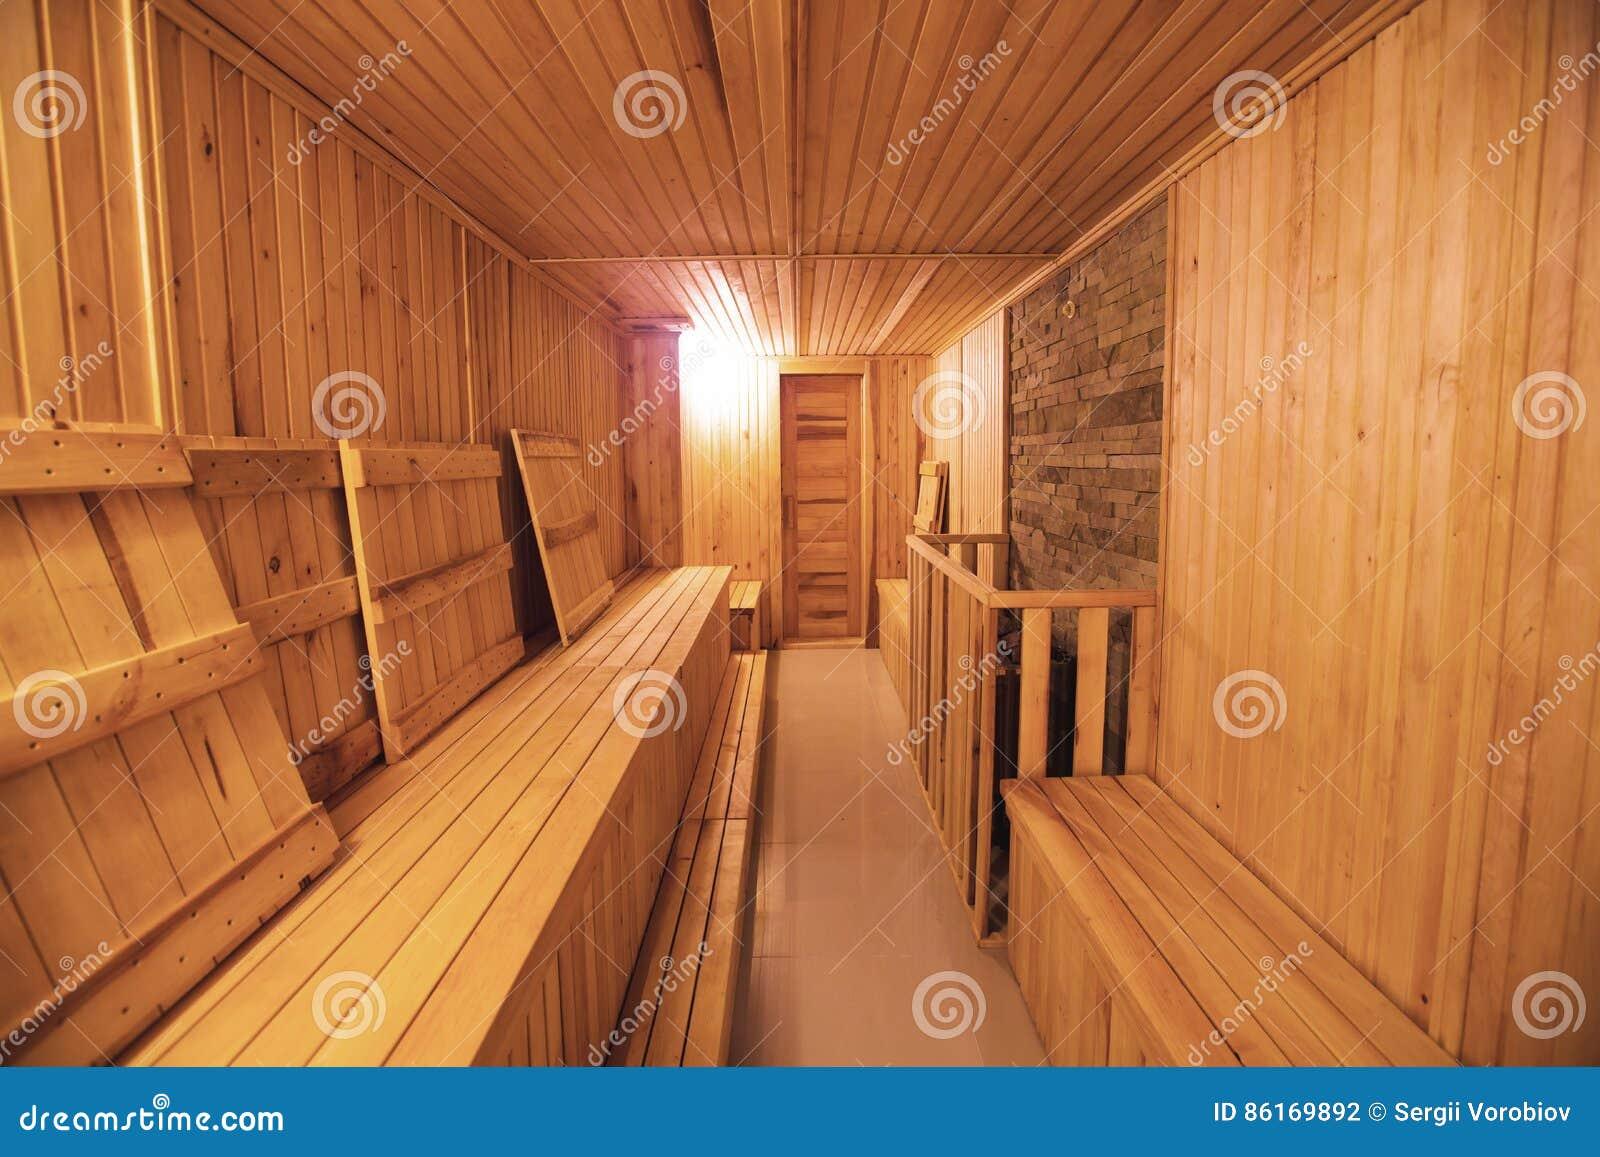 Großartig Sauna Für Zuhause Galerie Von Bequemer Hölzerner Rauminnenbadekurort Der